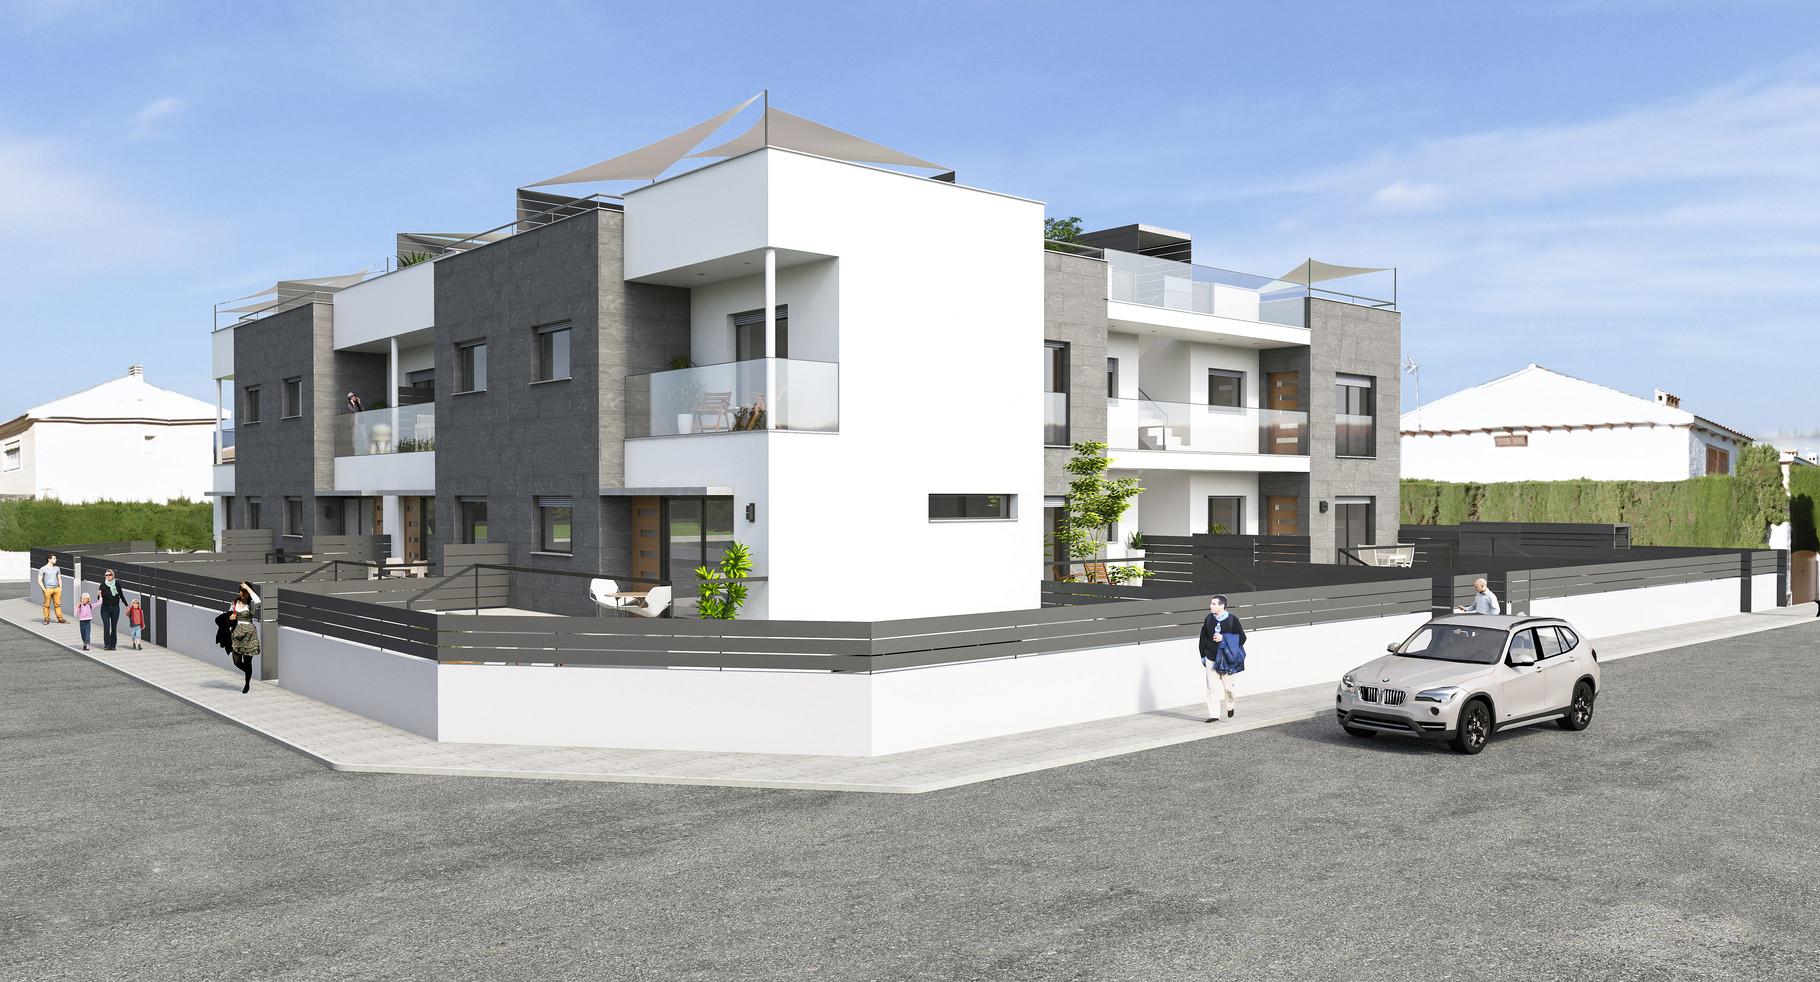 Duplex and bungalow in san javier paarquitectos estudio - Estudios arquitectura murcia ...